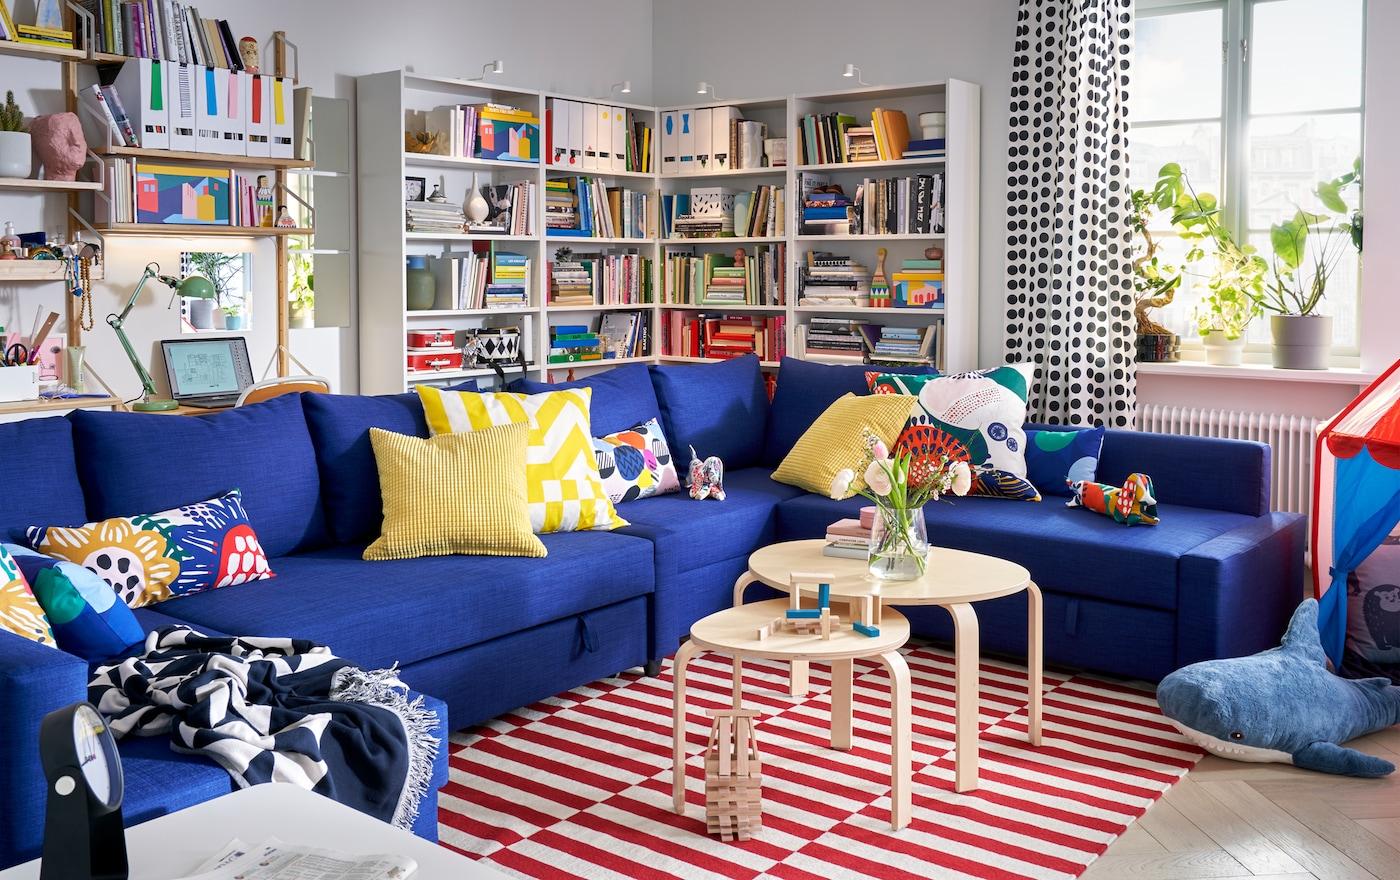 Woonkamer met FRIHETEN blauwe hoekbank met veel kussens, boekenkasten en een raam met planten in de vensterbank.